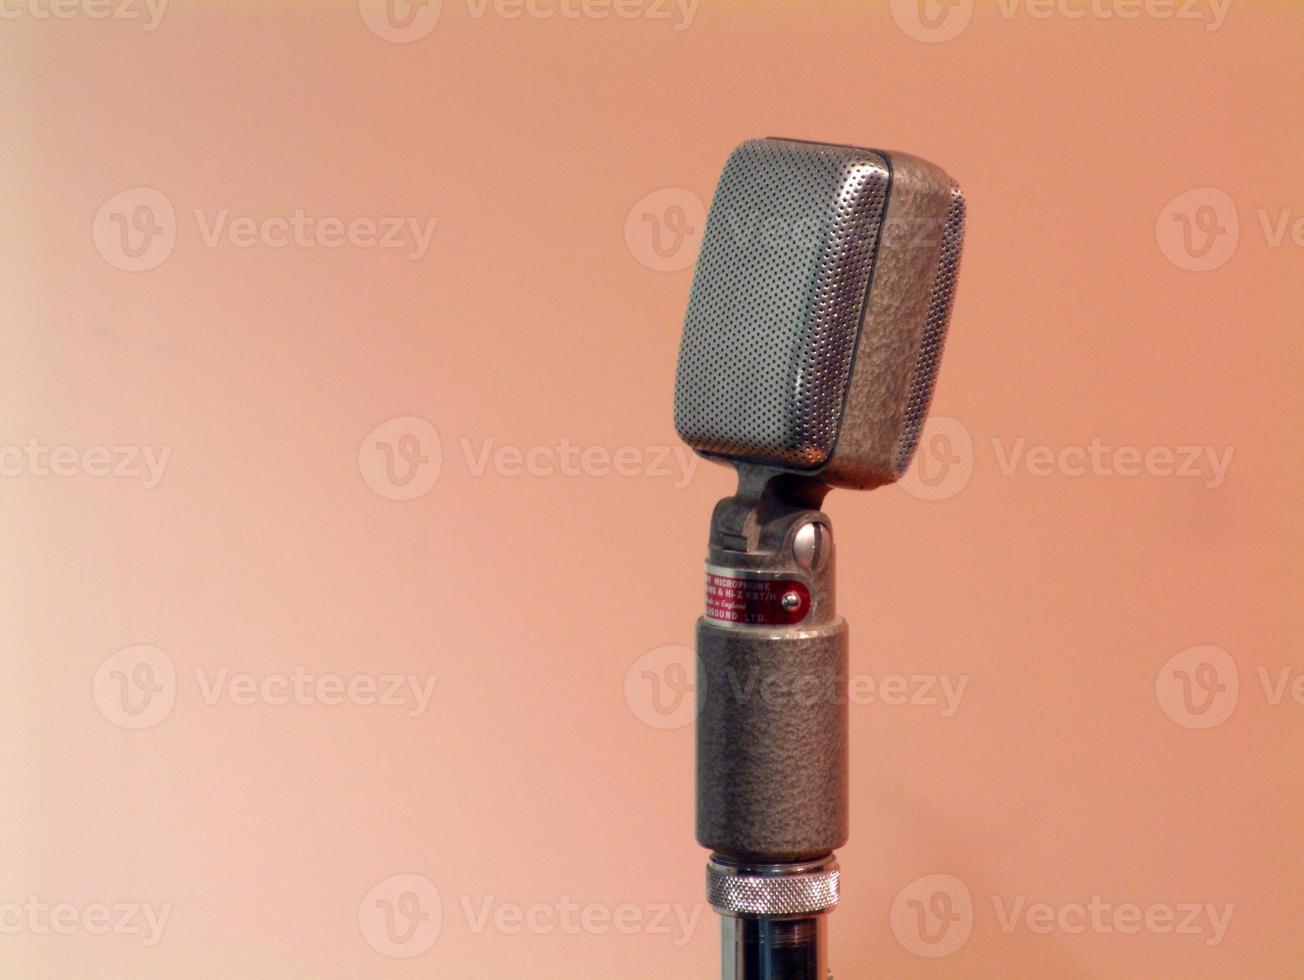 microfone fita retro foto